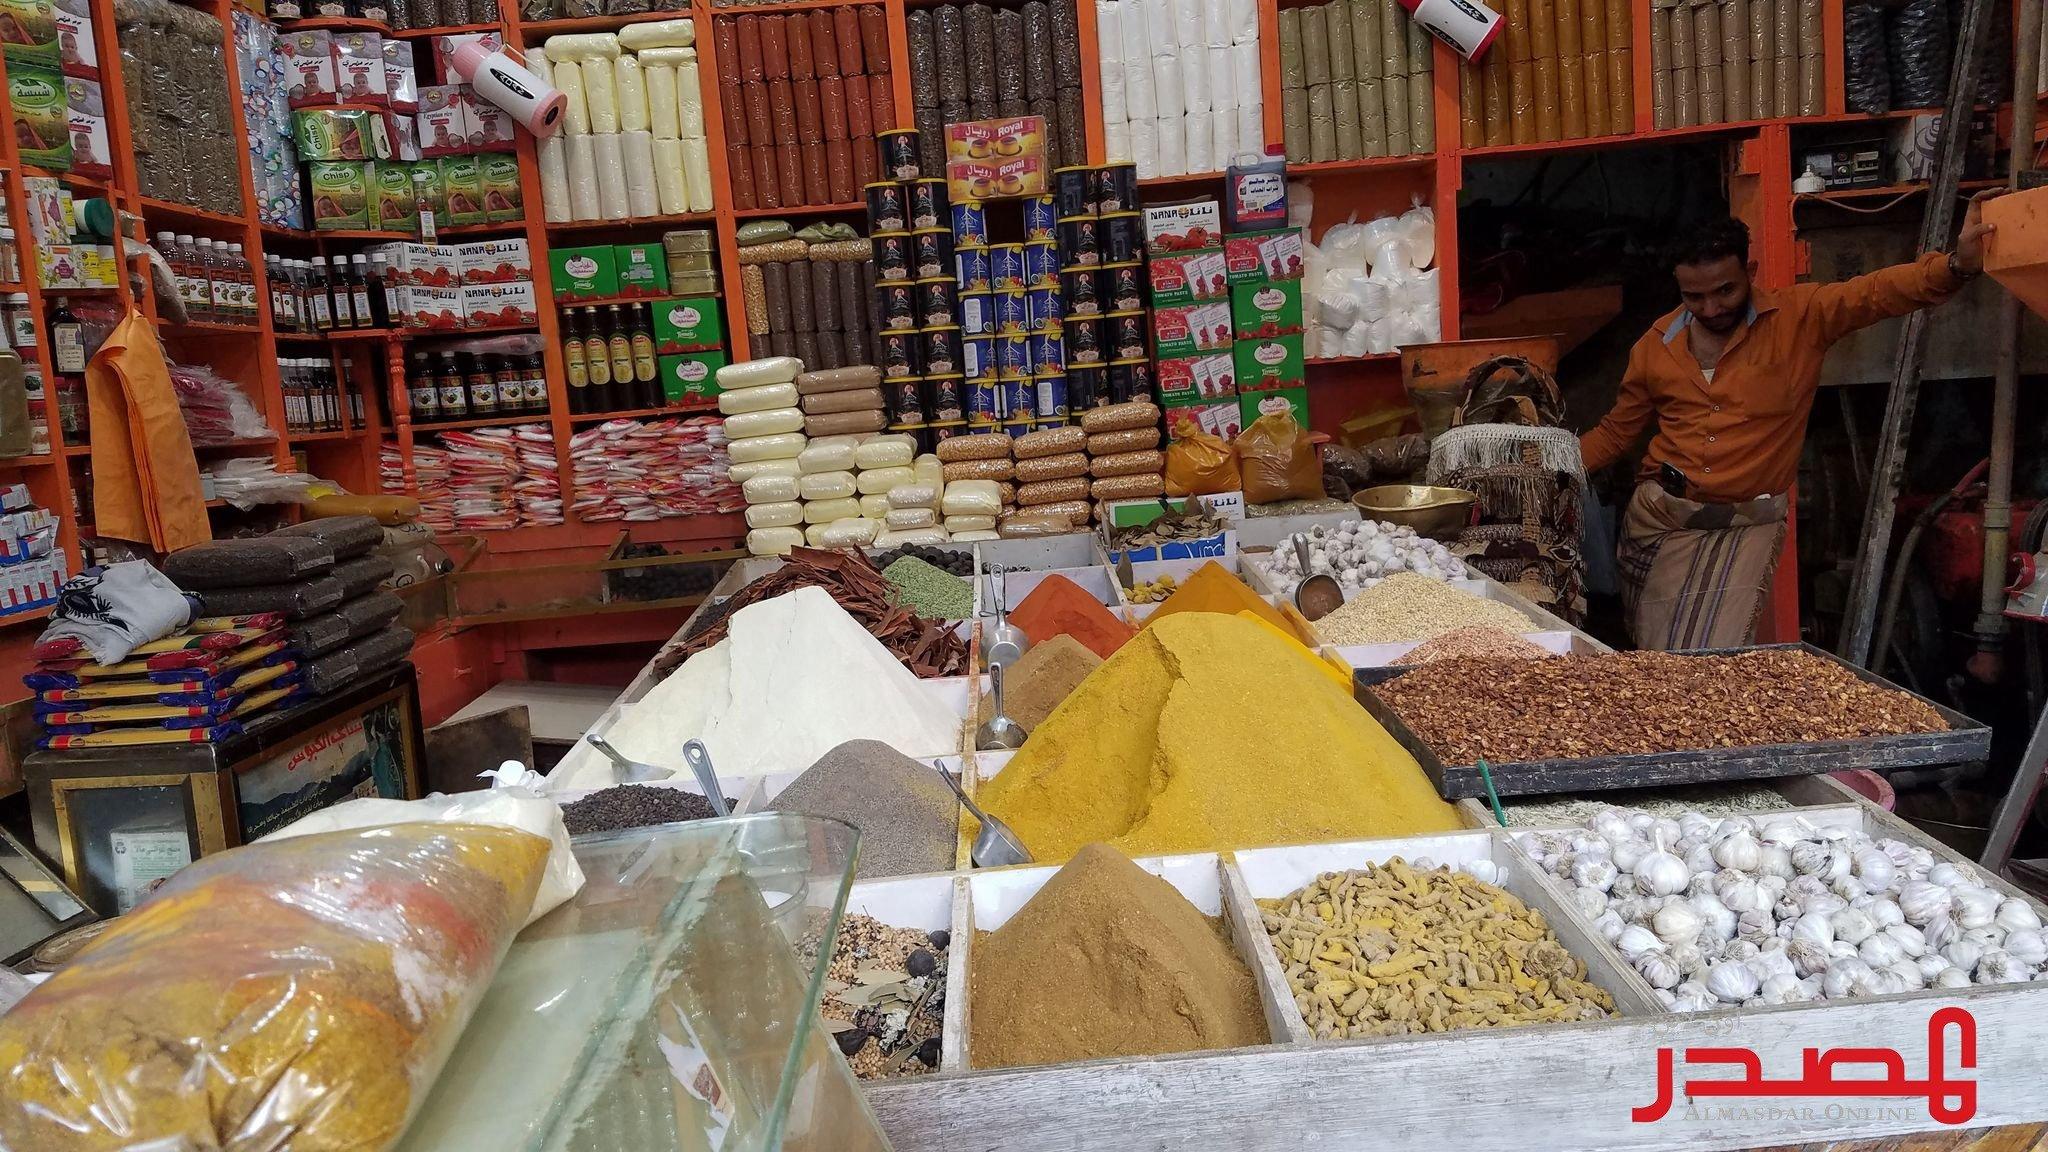 الأغذية العالمي يحذر من التراجع الاقتصادي السريع في اليمن ويقول إن السلام وحده قادر على وقف تدهور الأوضاع